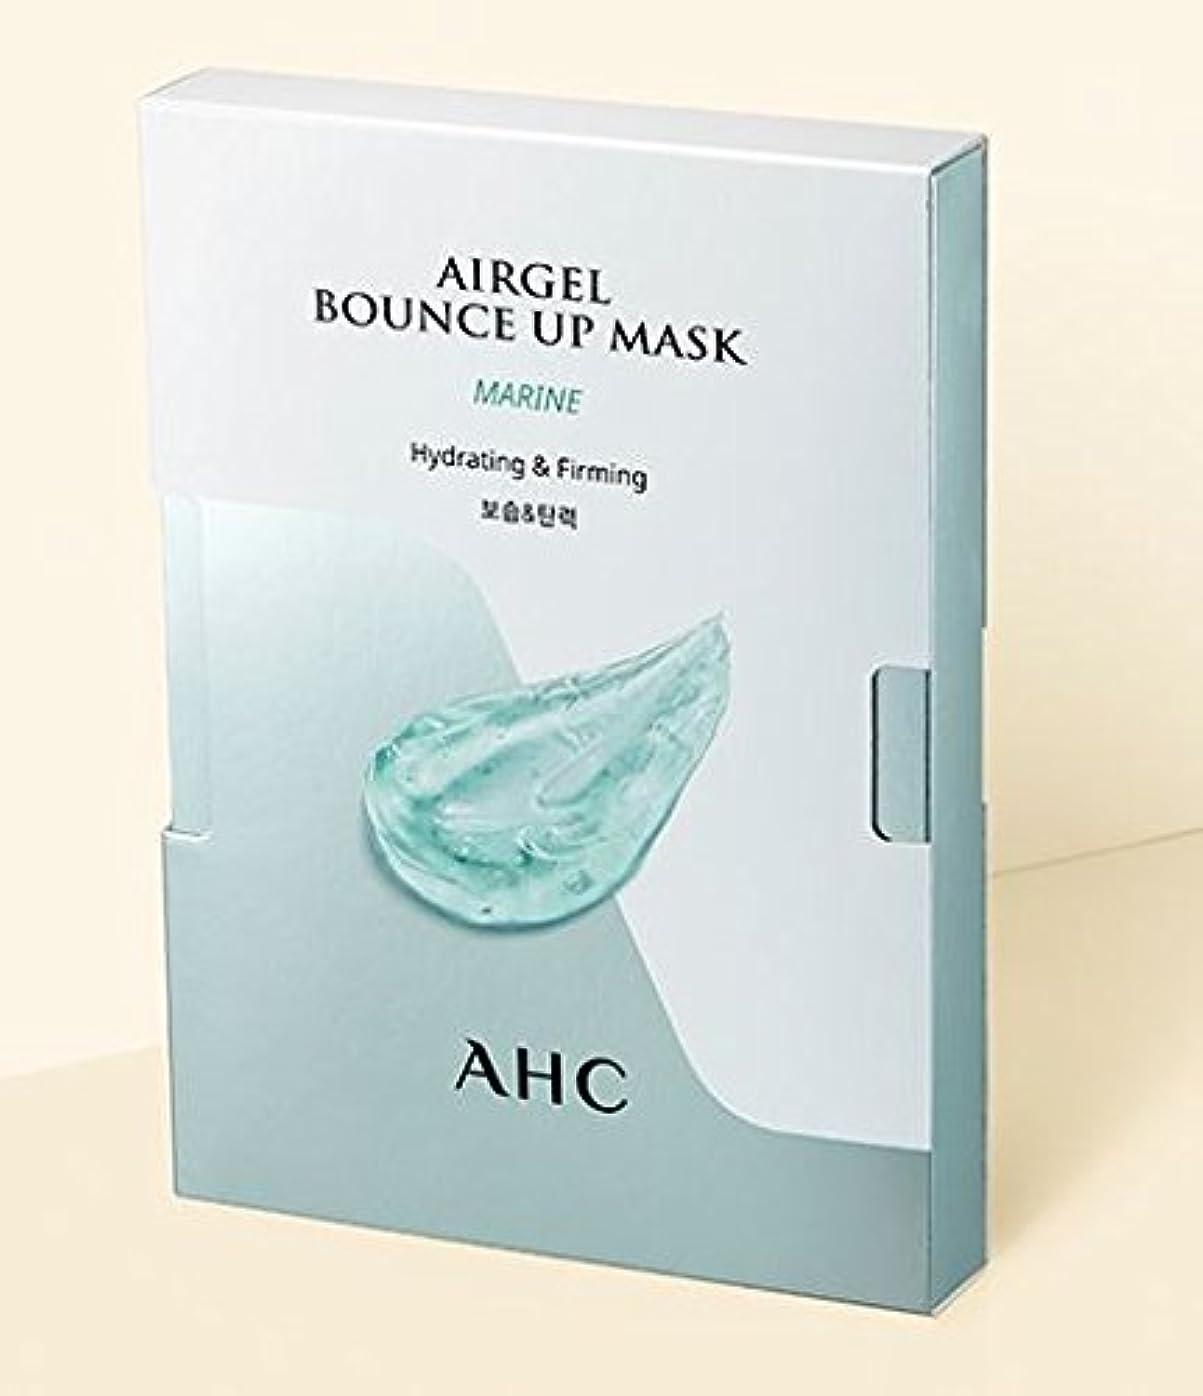 方程式ジョセフバンクスヒント[A.H.C] Airgel Bounce Up Mask MARINE (Hydrating&Firming)30g*5sheet/マリンエアゲルマスク30g*5枚 [並行輸入品]